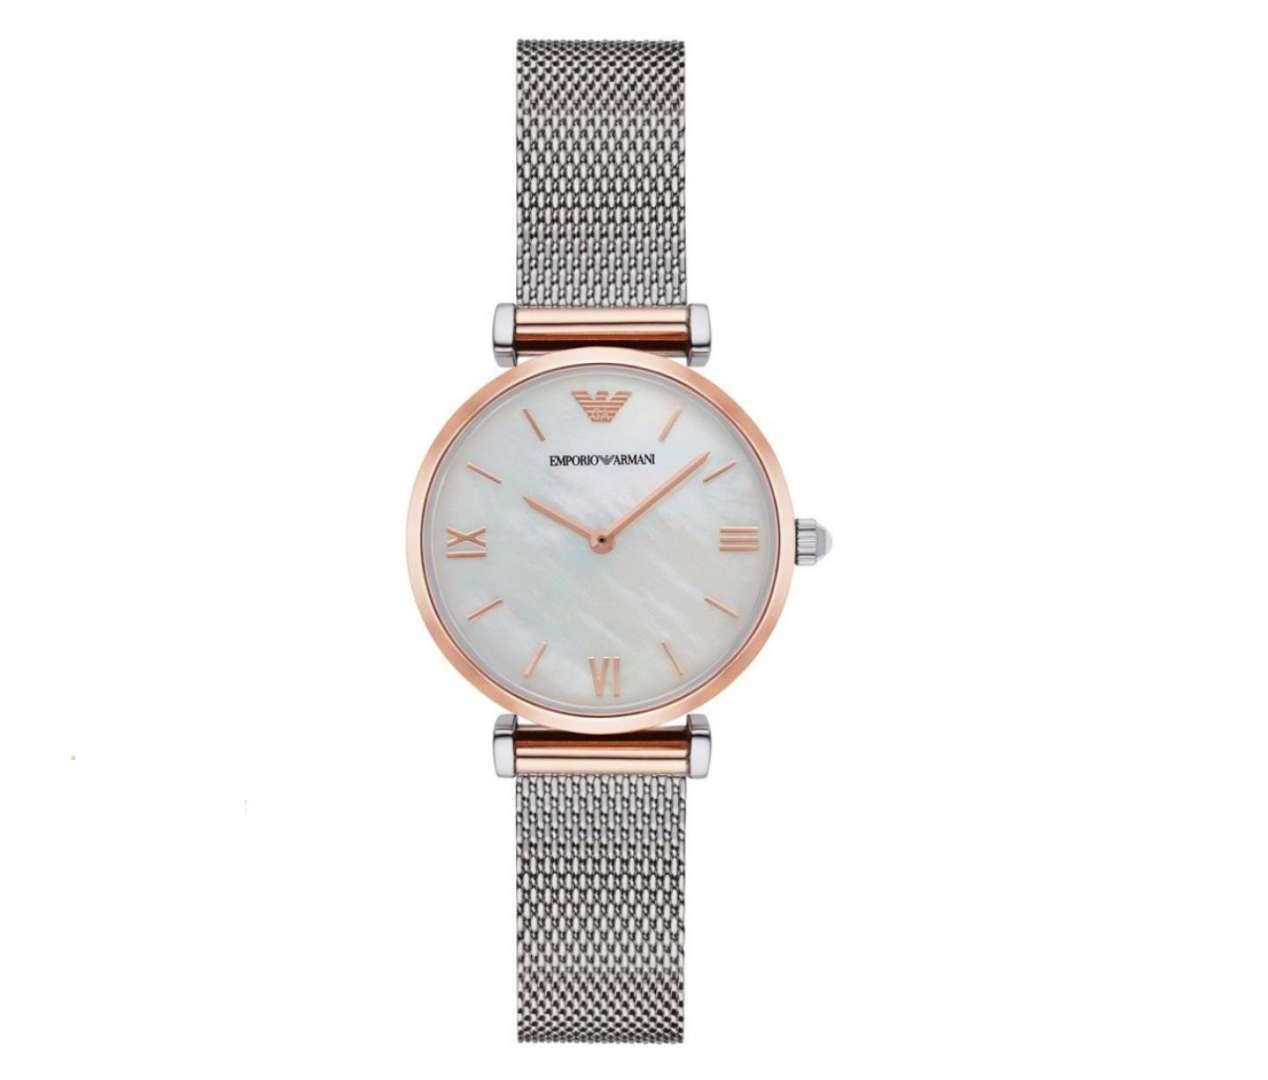 שעון יד אנלוגי לאישה emporio armani ar2067 אמפוריו ארמני